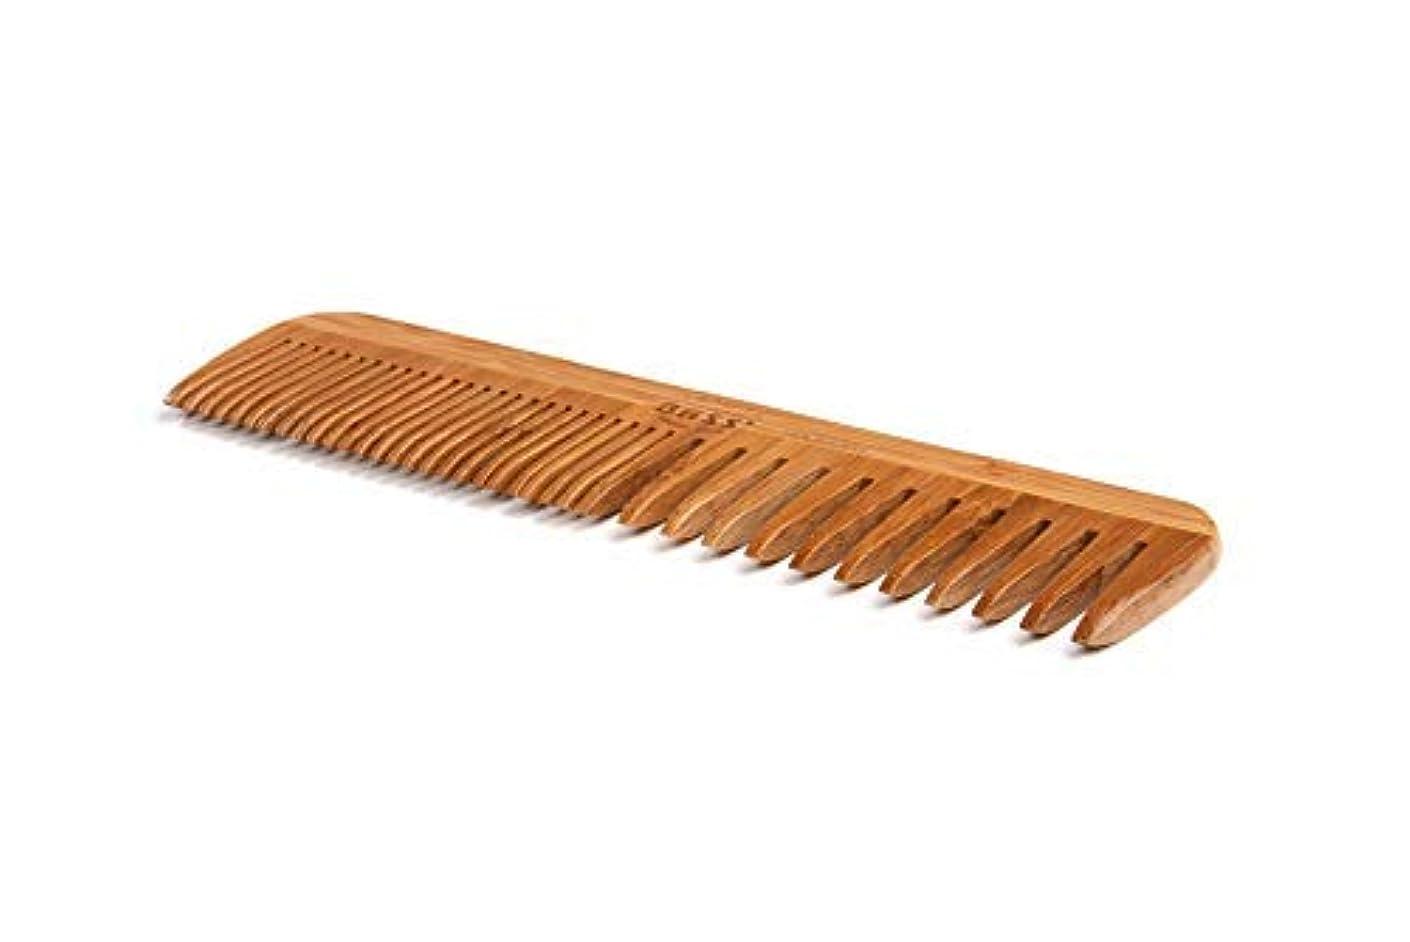 生態学共感する干渉Bass Brushes | Grooming Comb | Premium Bamboo Teeth and Handle | Wide Tooth/Fine Tooth Combination | Dark Finish...